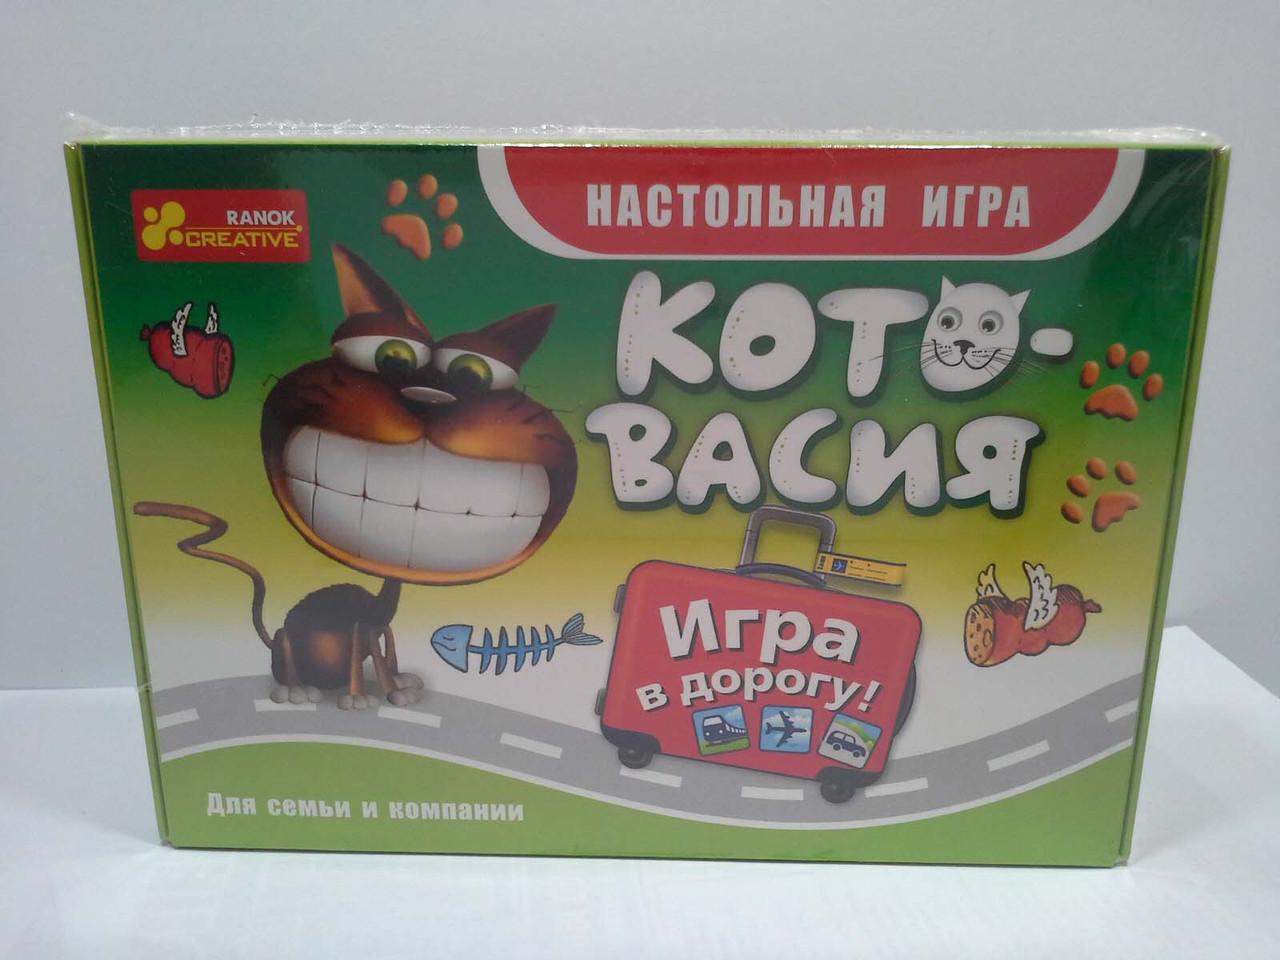 Ранок (Креатив) 5896-01 Игра в дорогу Котовасия Настольная игра (12170003Р)